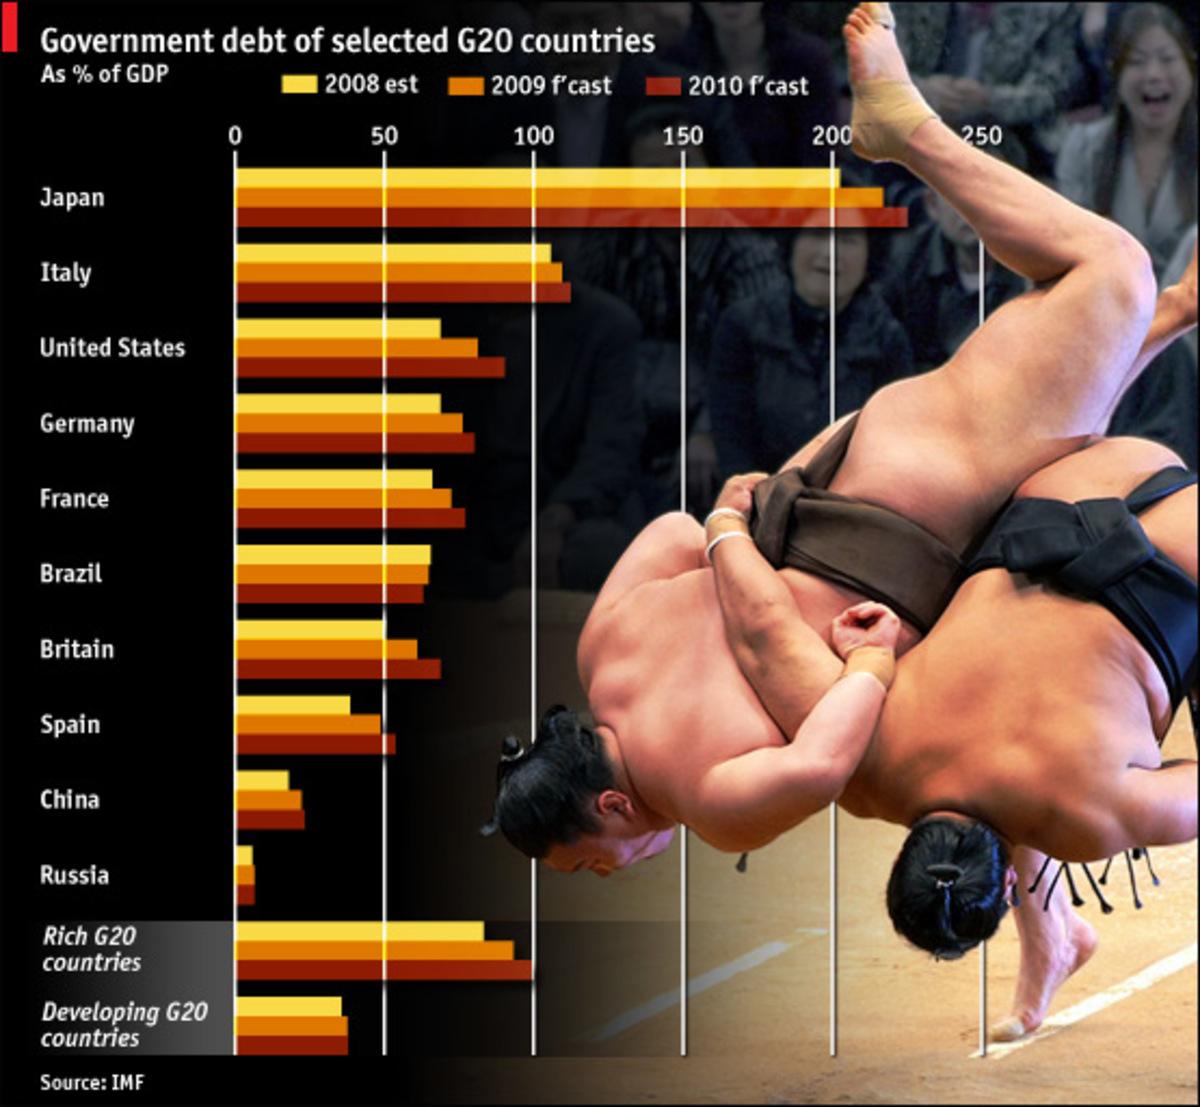 Καταρρέει ο κόσμος που ξέραμε – Κίνδυνος Ιαπωνικής χρεοκοπίας! | Newsit.gr